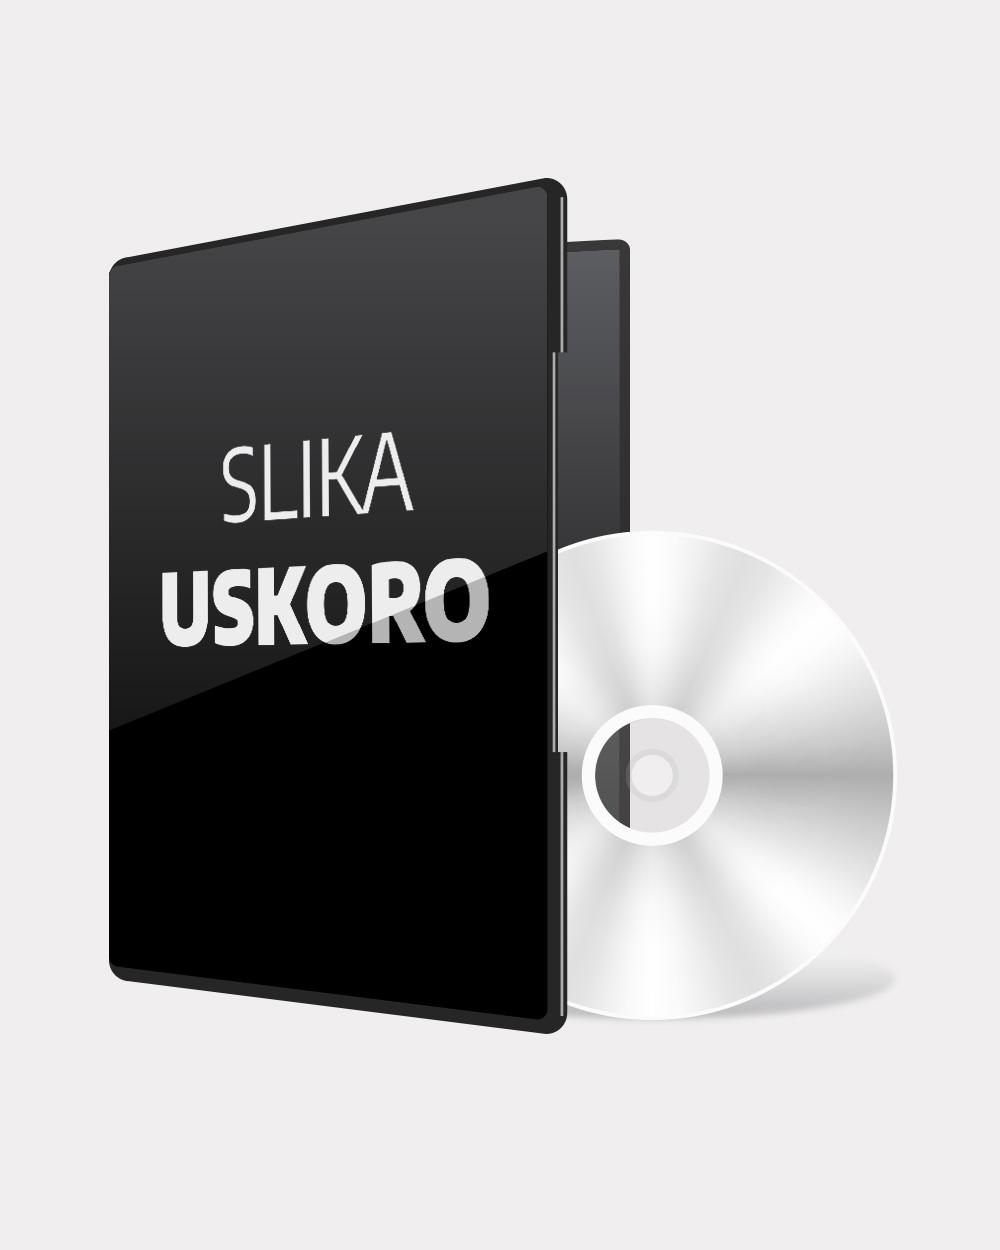 PS4 Agony